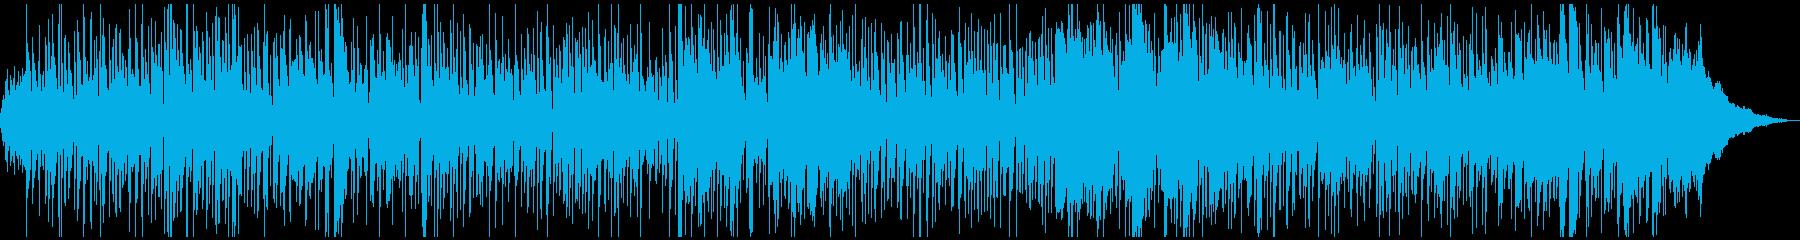 生演奏・エレピとストリングスのボサノバの再生済みの波形